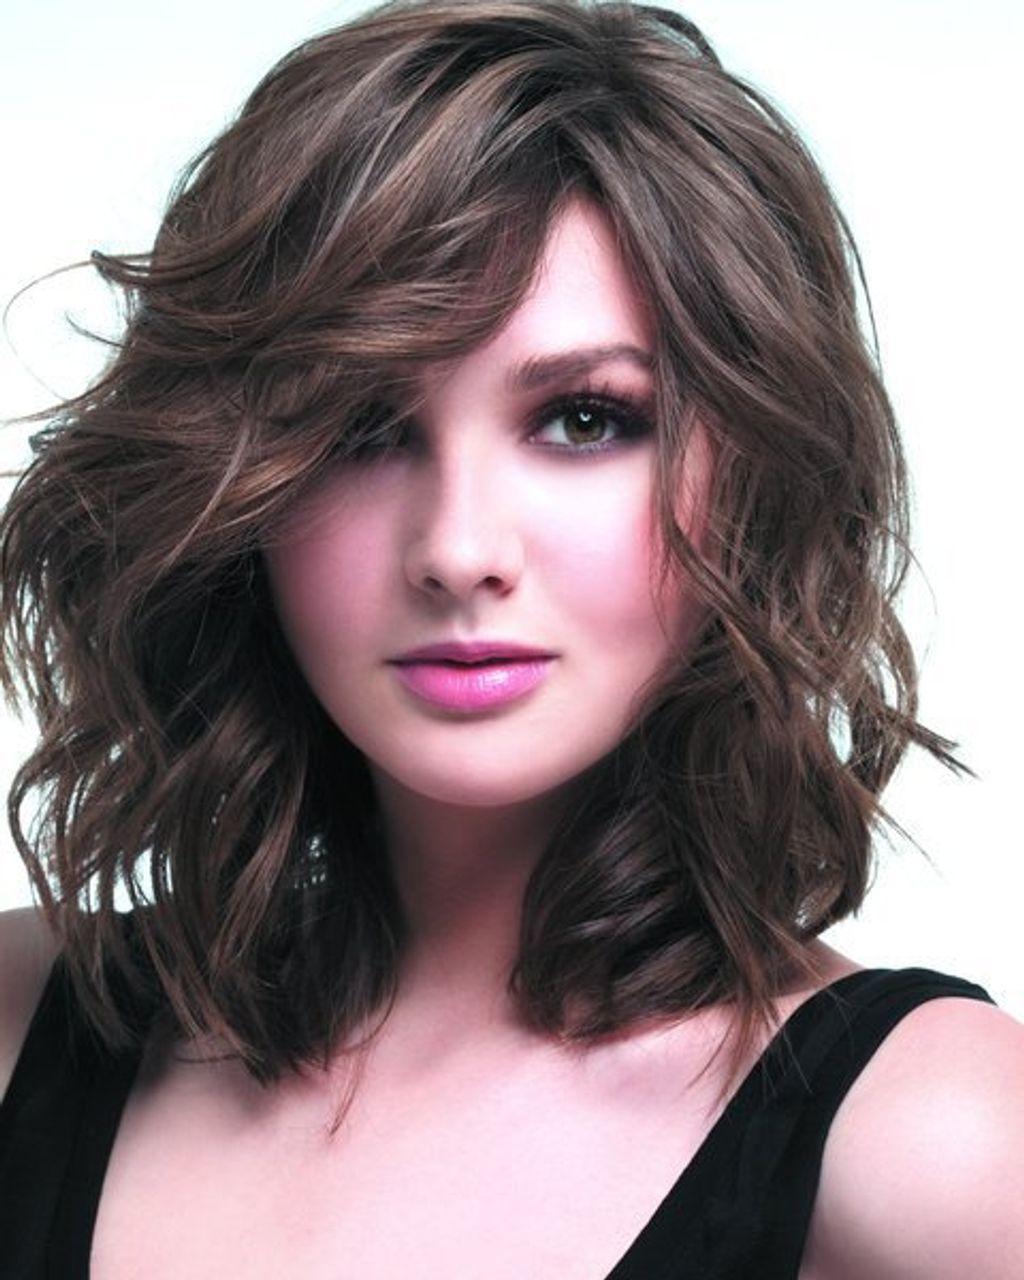 10 choses qu'on ne veut pas entendre chez le coiffeur